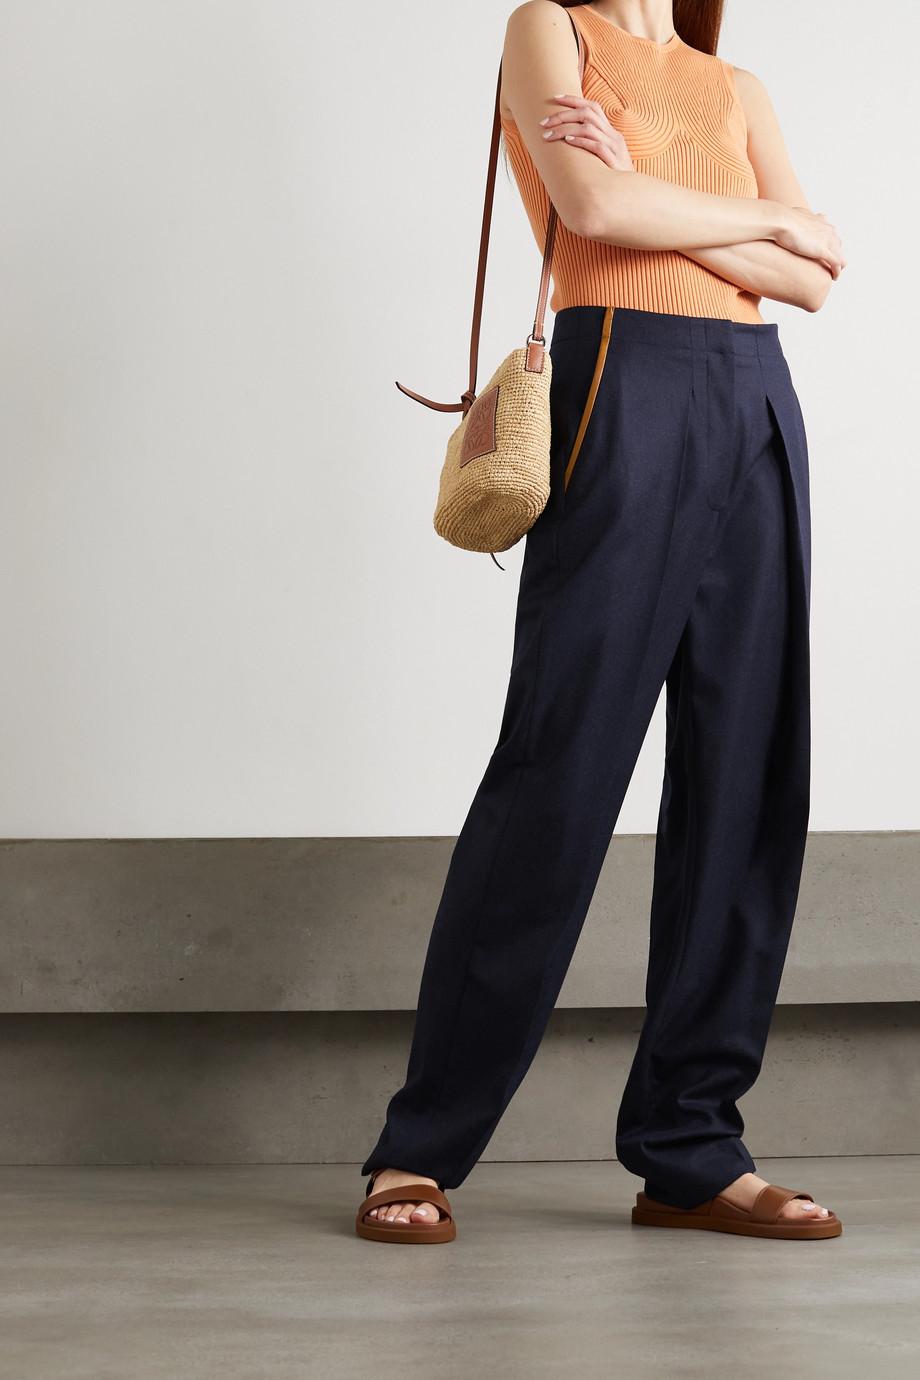 Stella McCartney Hose mit geradem Bein aus Woll-Twill mit Falten und Kunstlederbesätzen